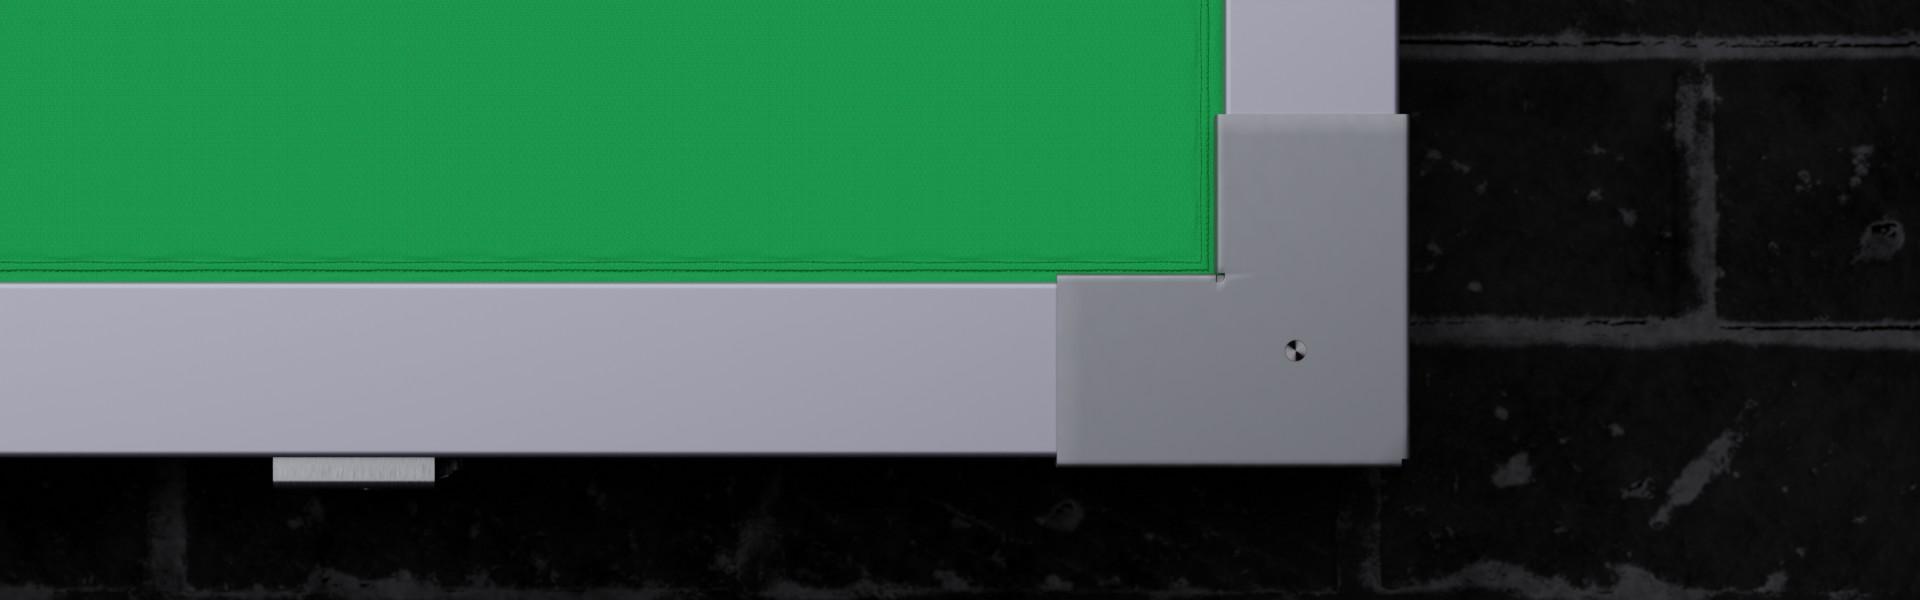 MBT-KR52 Detailansicht Aluminium-Profilschienen und Spannecke